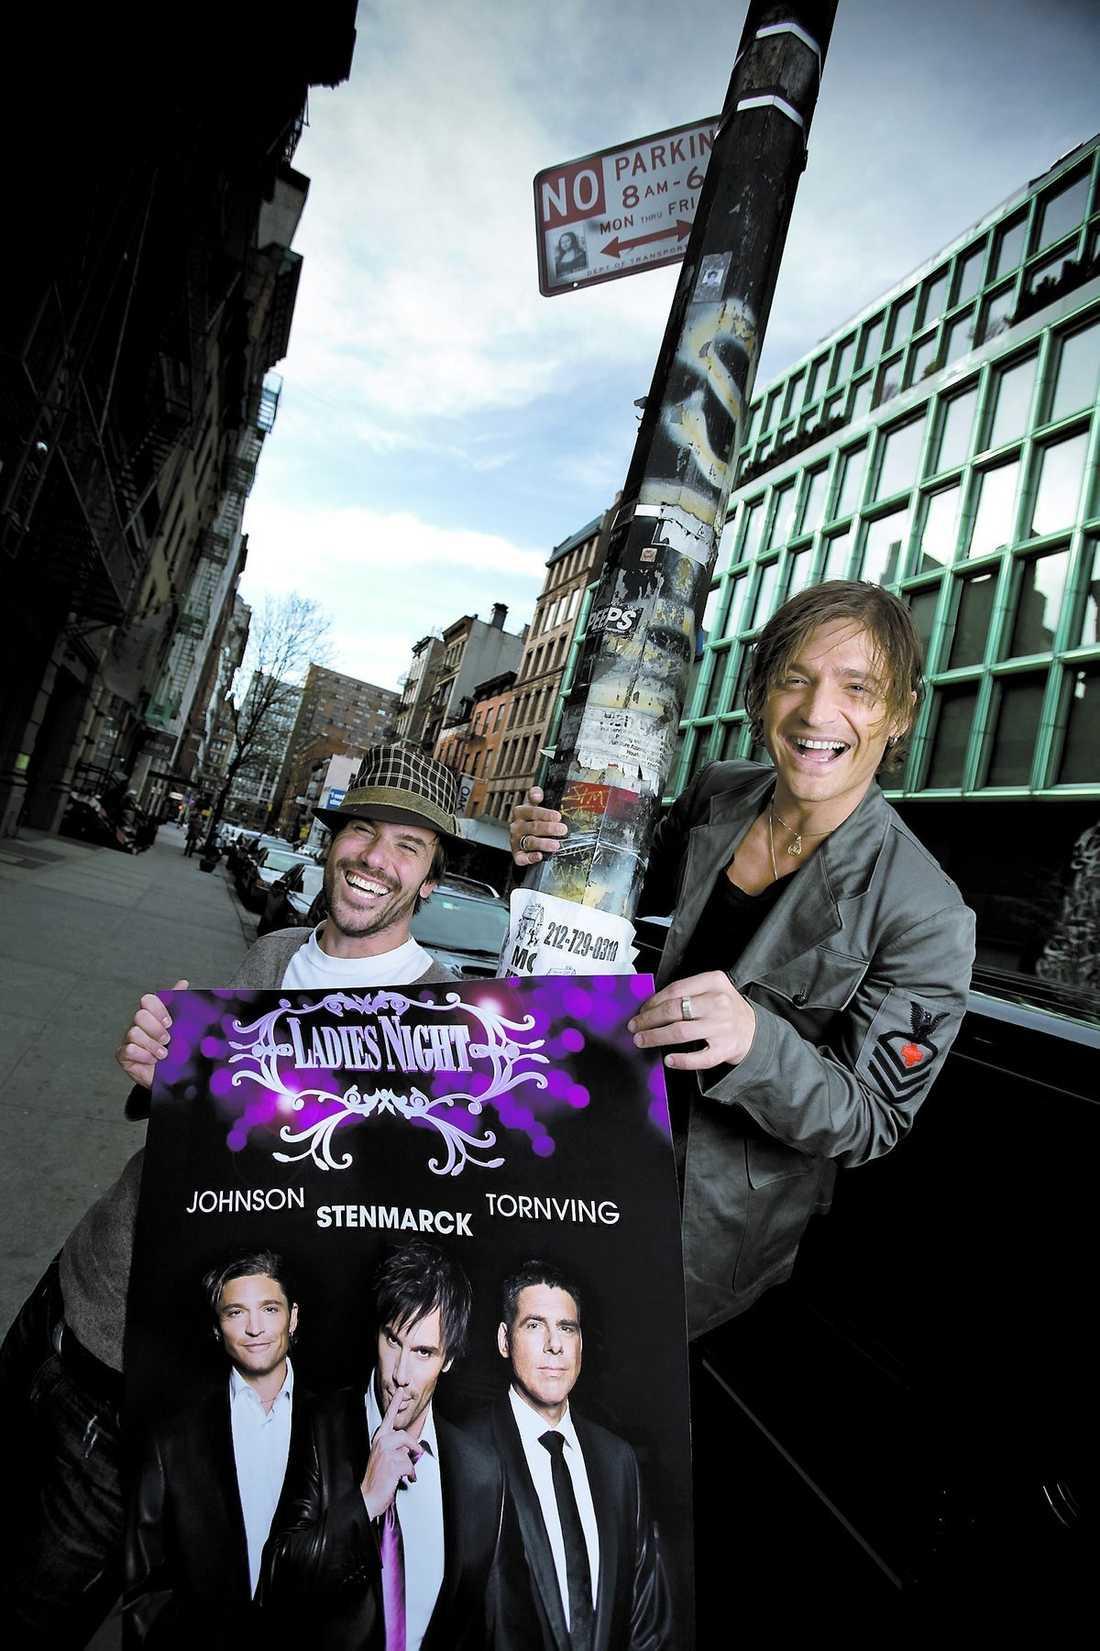 """Martin Stenmarck och Andreas Johnson är i New York och passar på att klistra upp """"Ladies night""""-affischer. Och på postern avslöjas det vem den nye medlemmen är: komikern Mikael Tornving."""